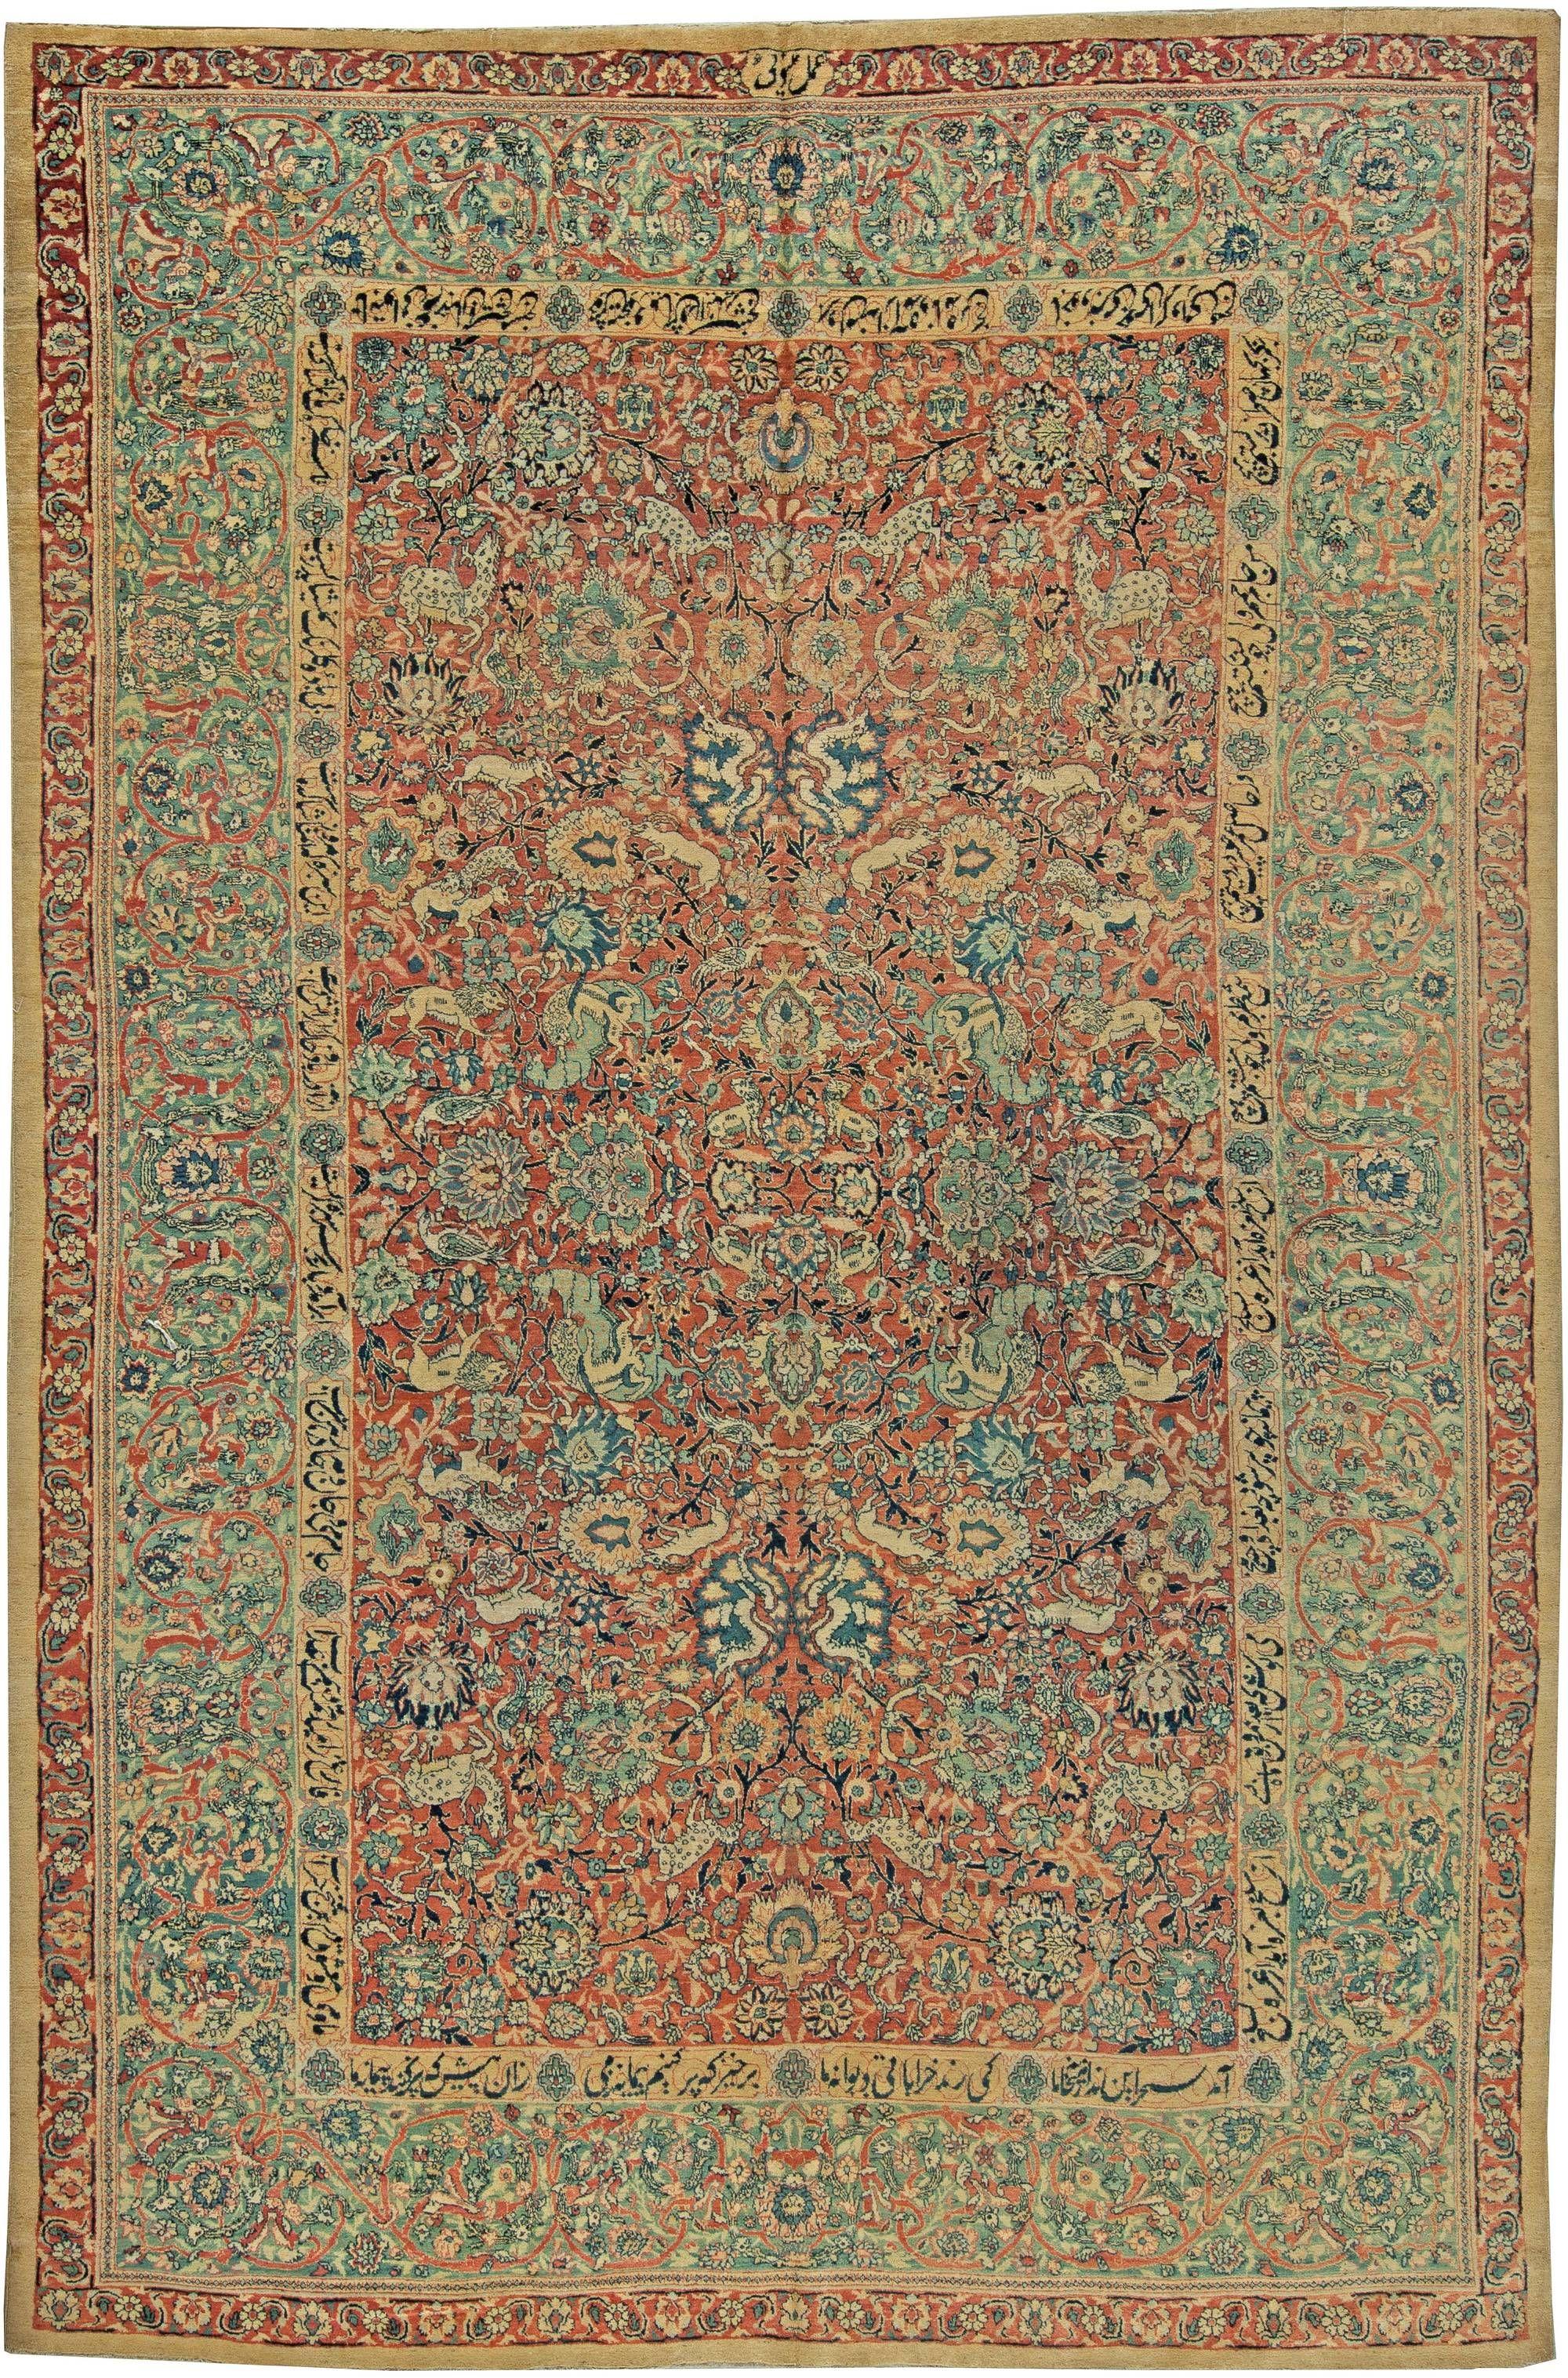 Antique Persian Tabriz Carpet By Doris Leslie Blau